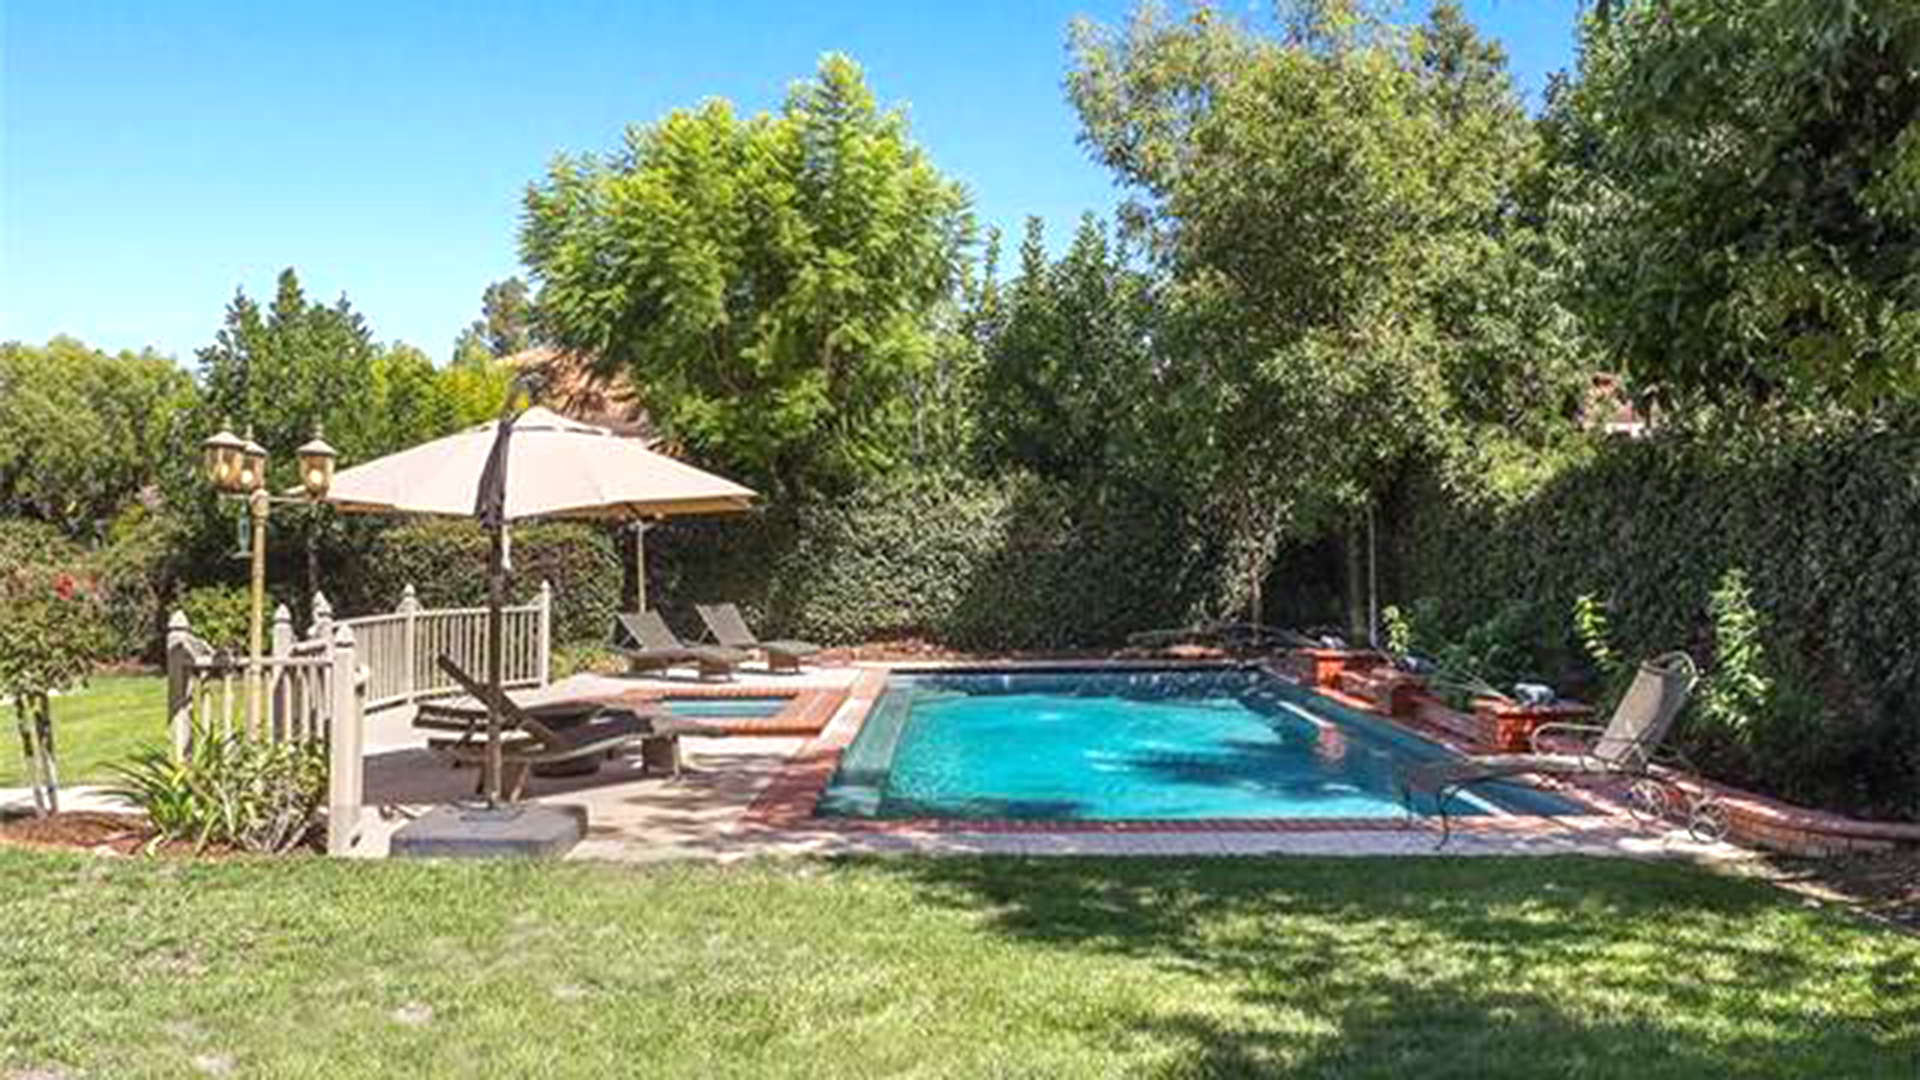 El hijo menor de Michael Jackson celebró sus 18 años comprando una mansión cuyo valor es de más de USD 2 millones (Pacific playa realty)